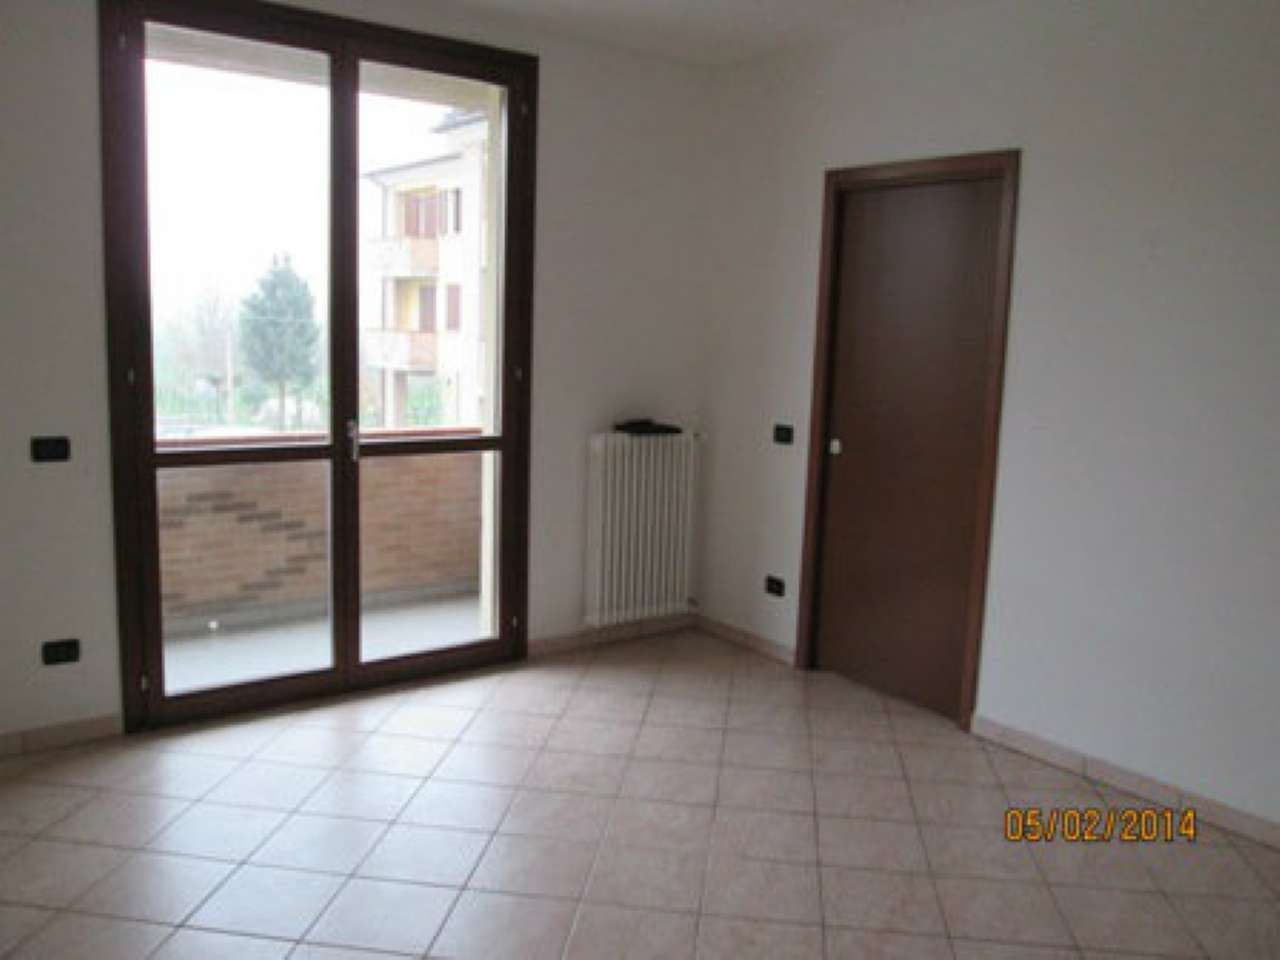 Appartamento in affitto a San Polo d'Enza, 4 locali, prezzo € 500 | Cambio Casa.it